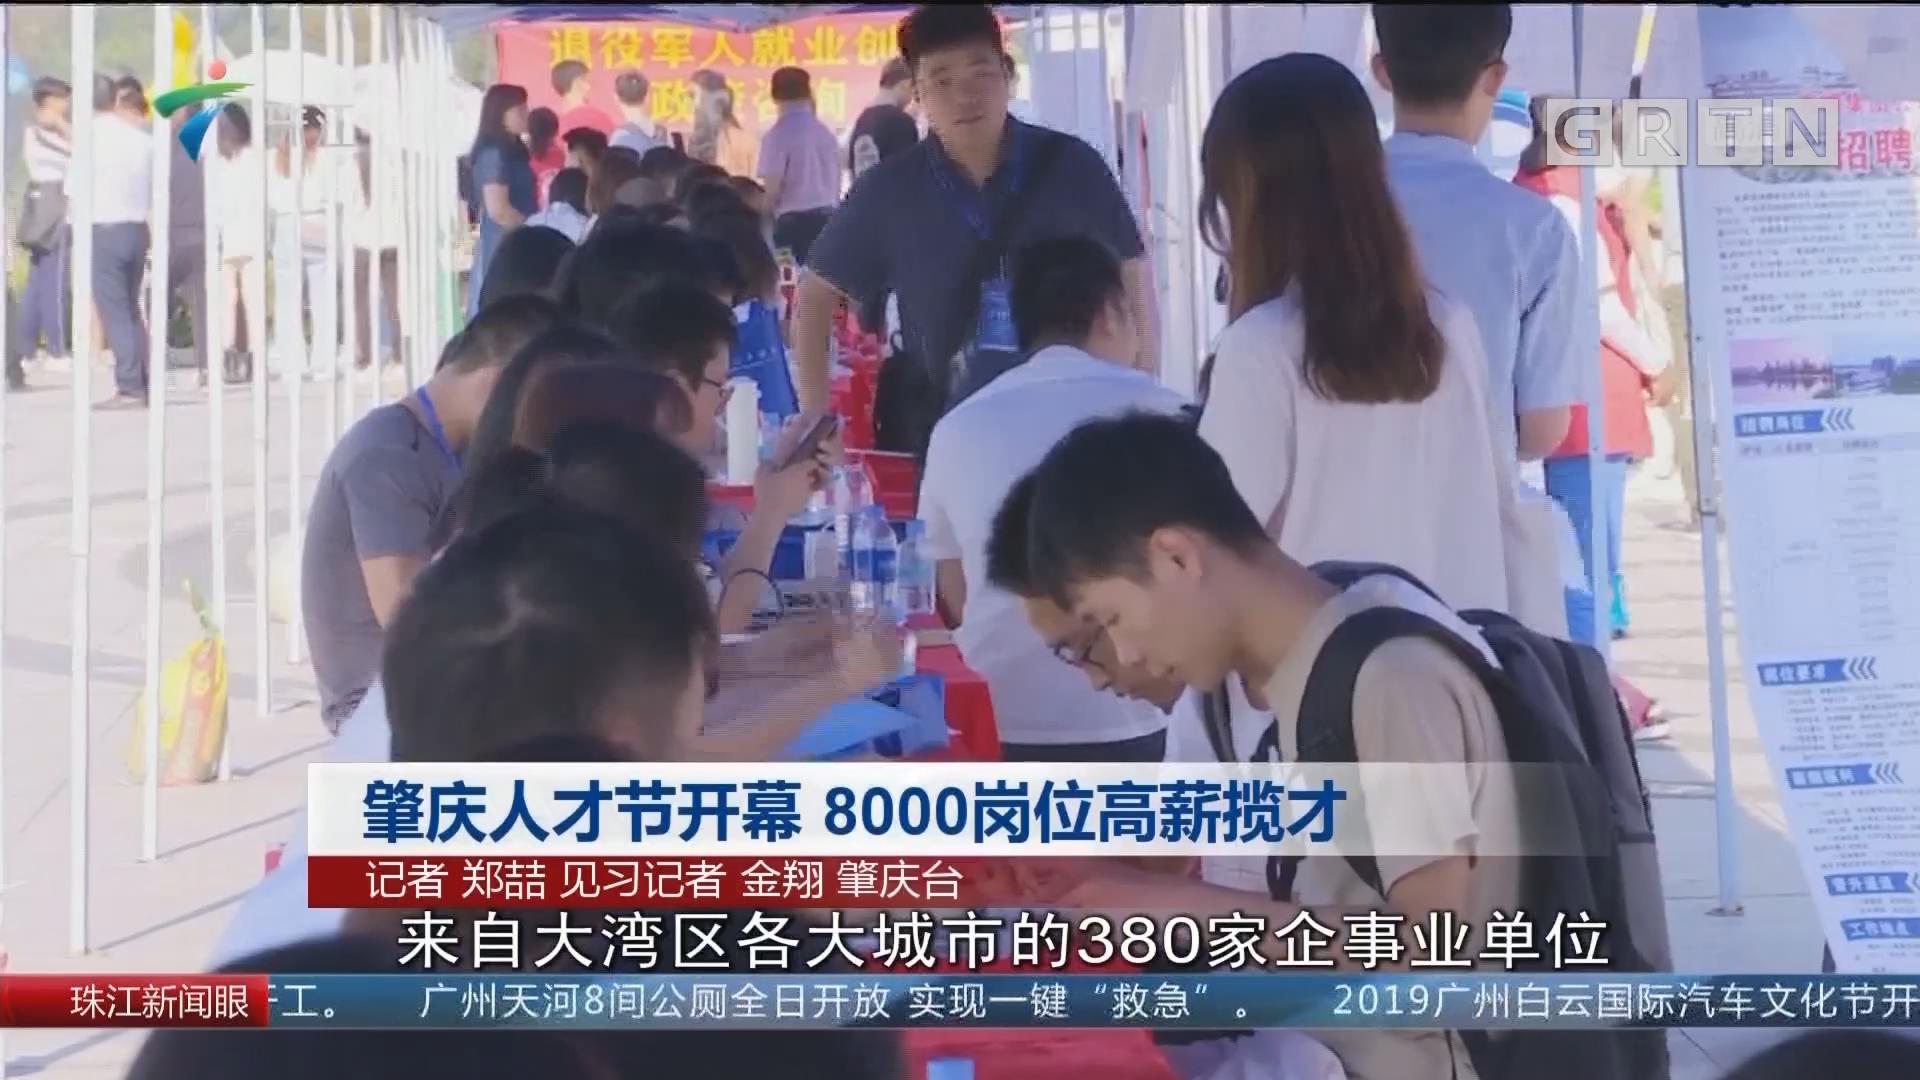 肇庆人才节开幕 8000岗位高薪揽才